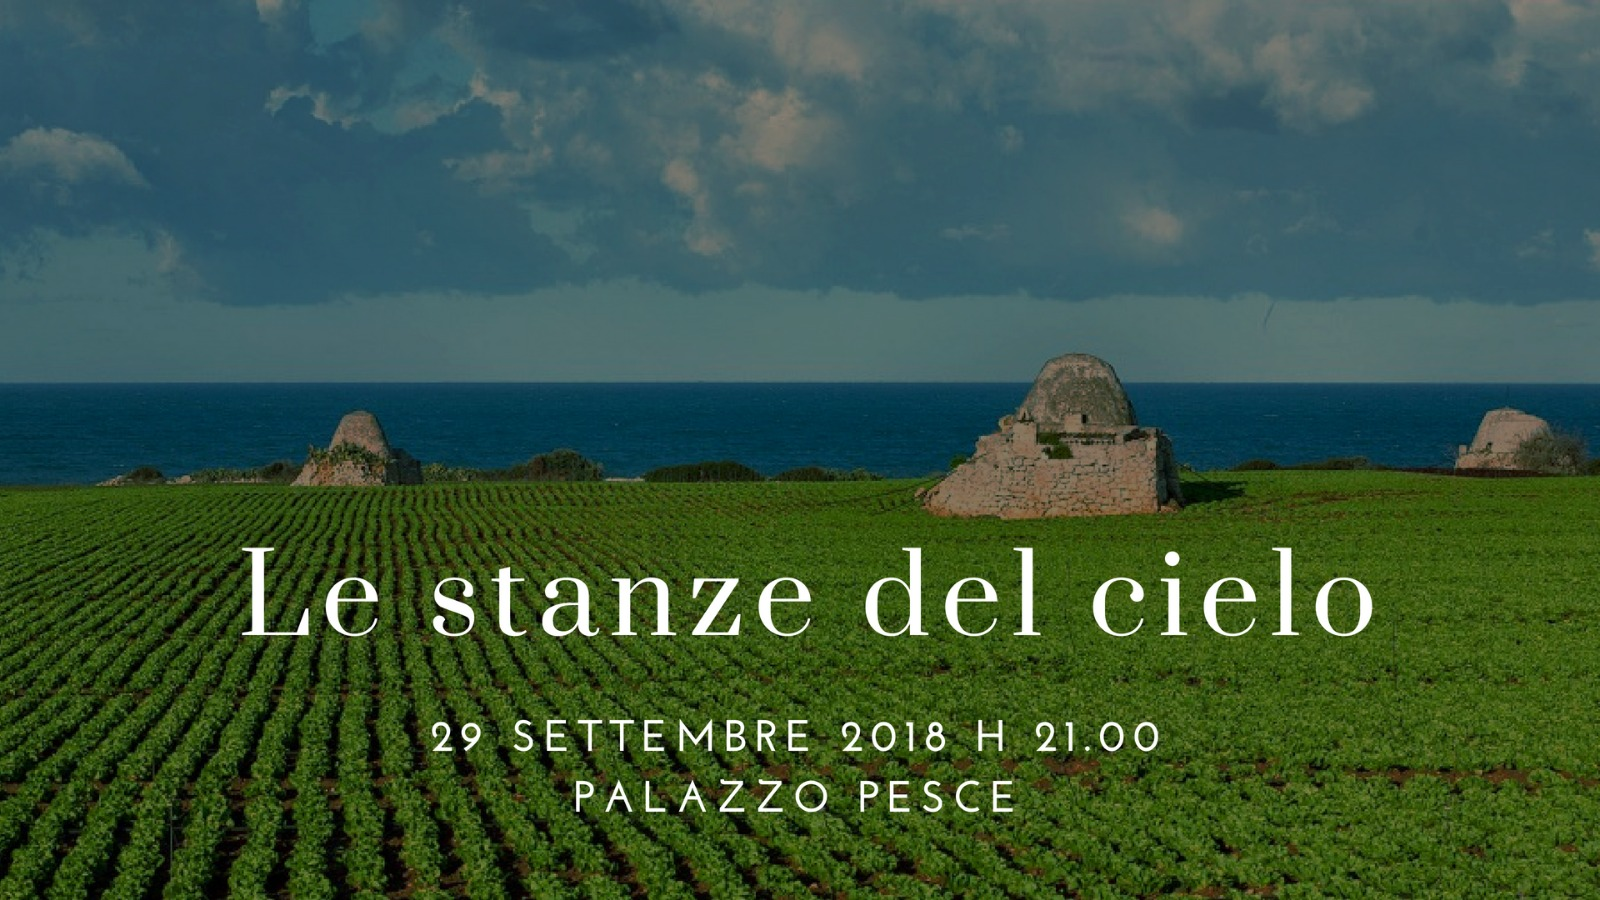 29 settembre 2018 Le stanze del cielo a Palazzo Pesce